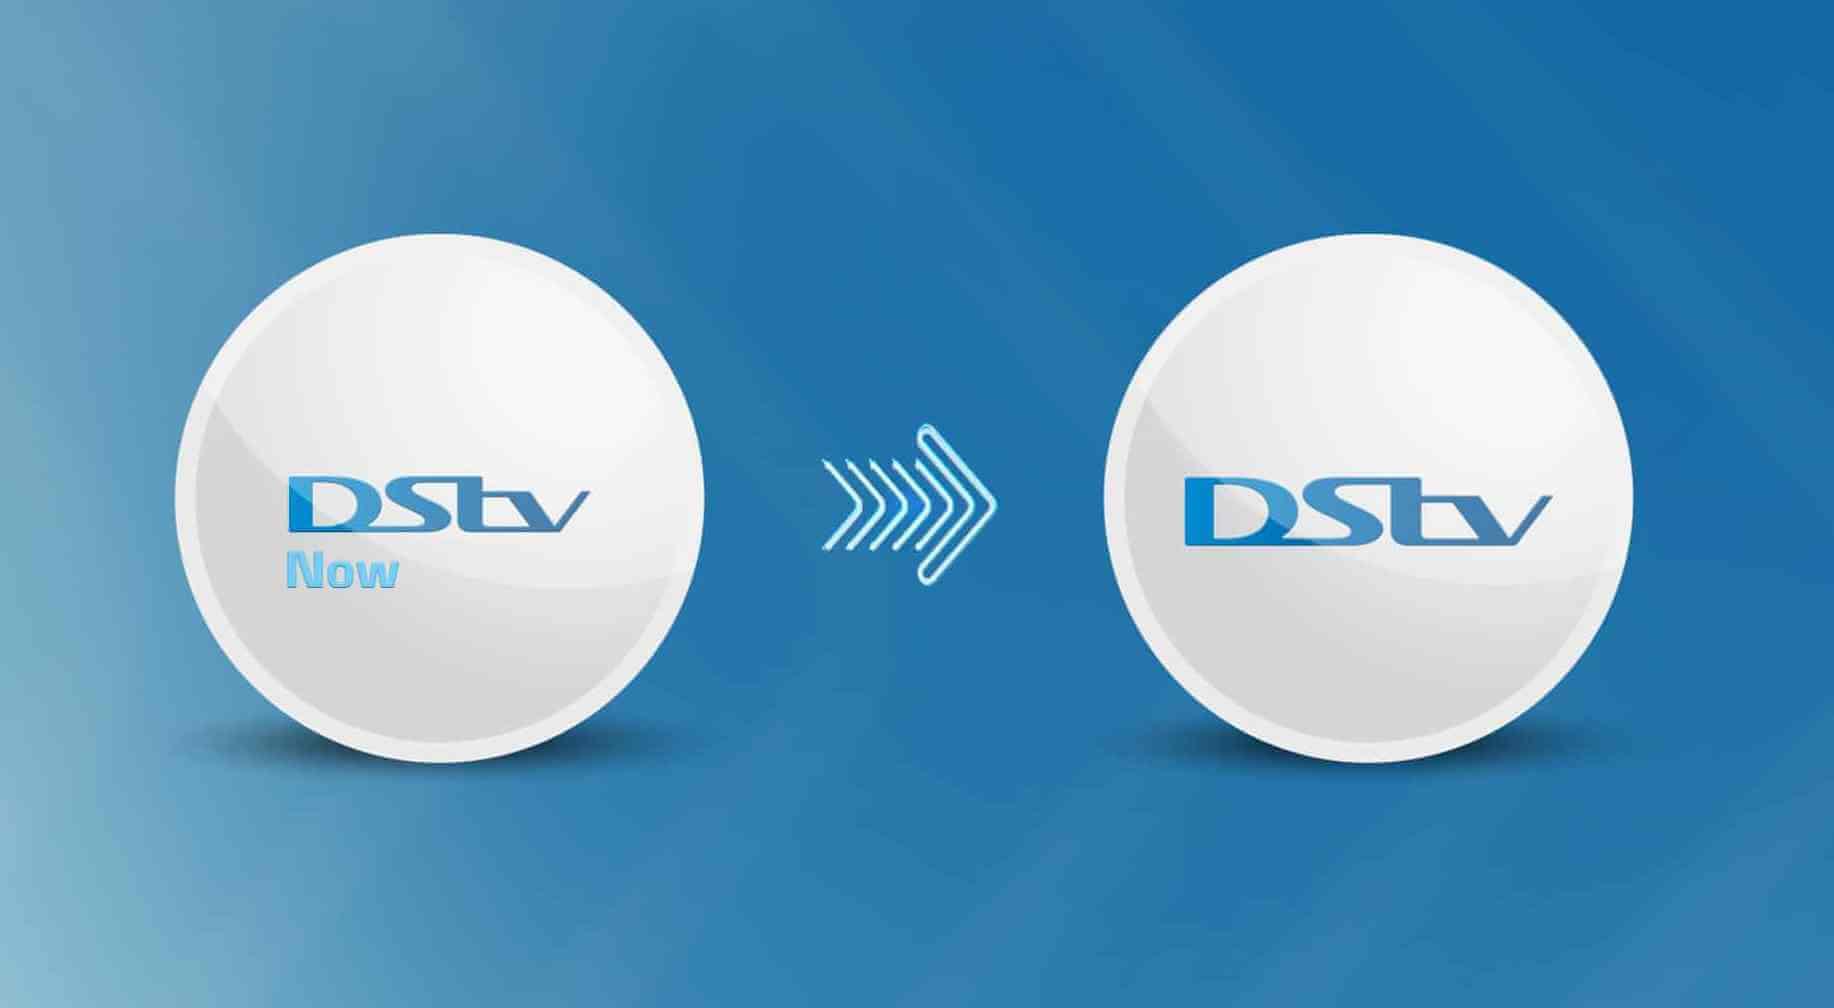 DStv Now to DStv